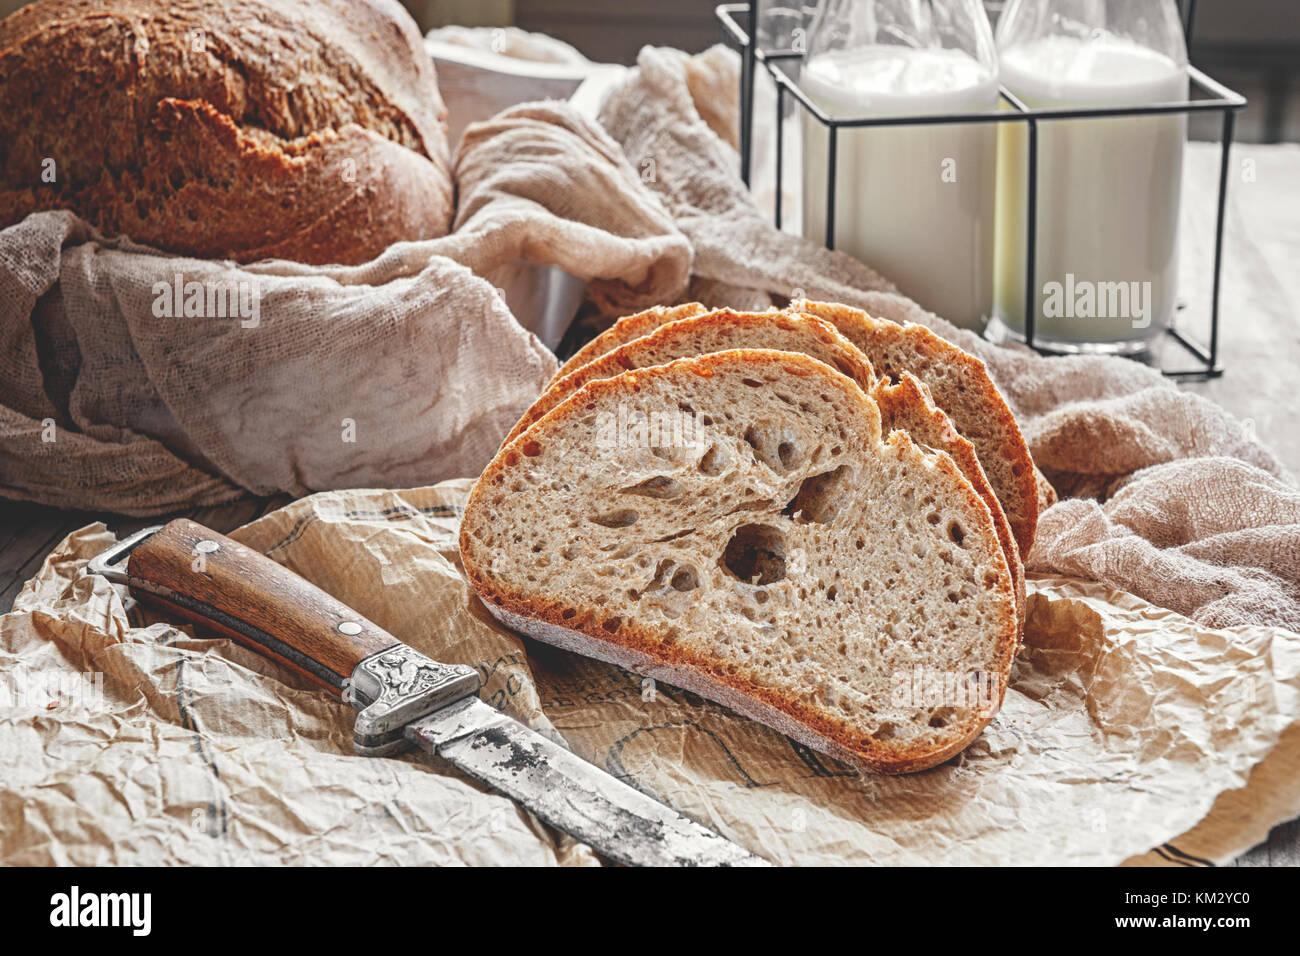 Une belle miche de pain au levain de blé blanche sur une plaque sur un bord du linge. Des pâtisseries maison. Banque D'Images